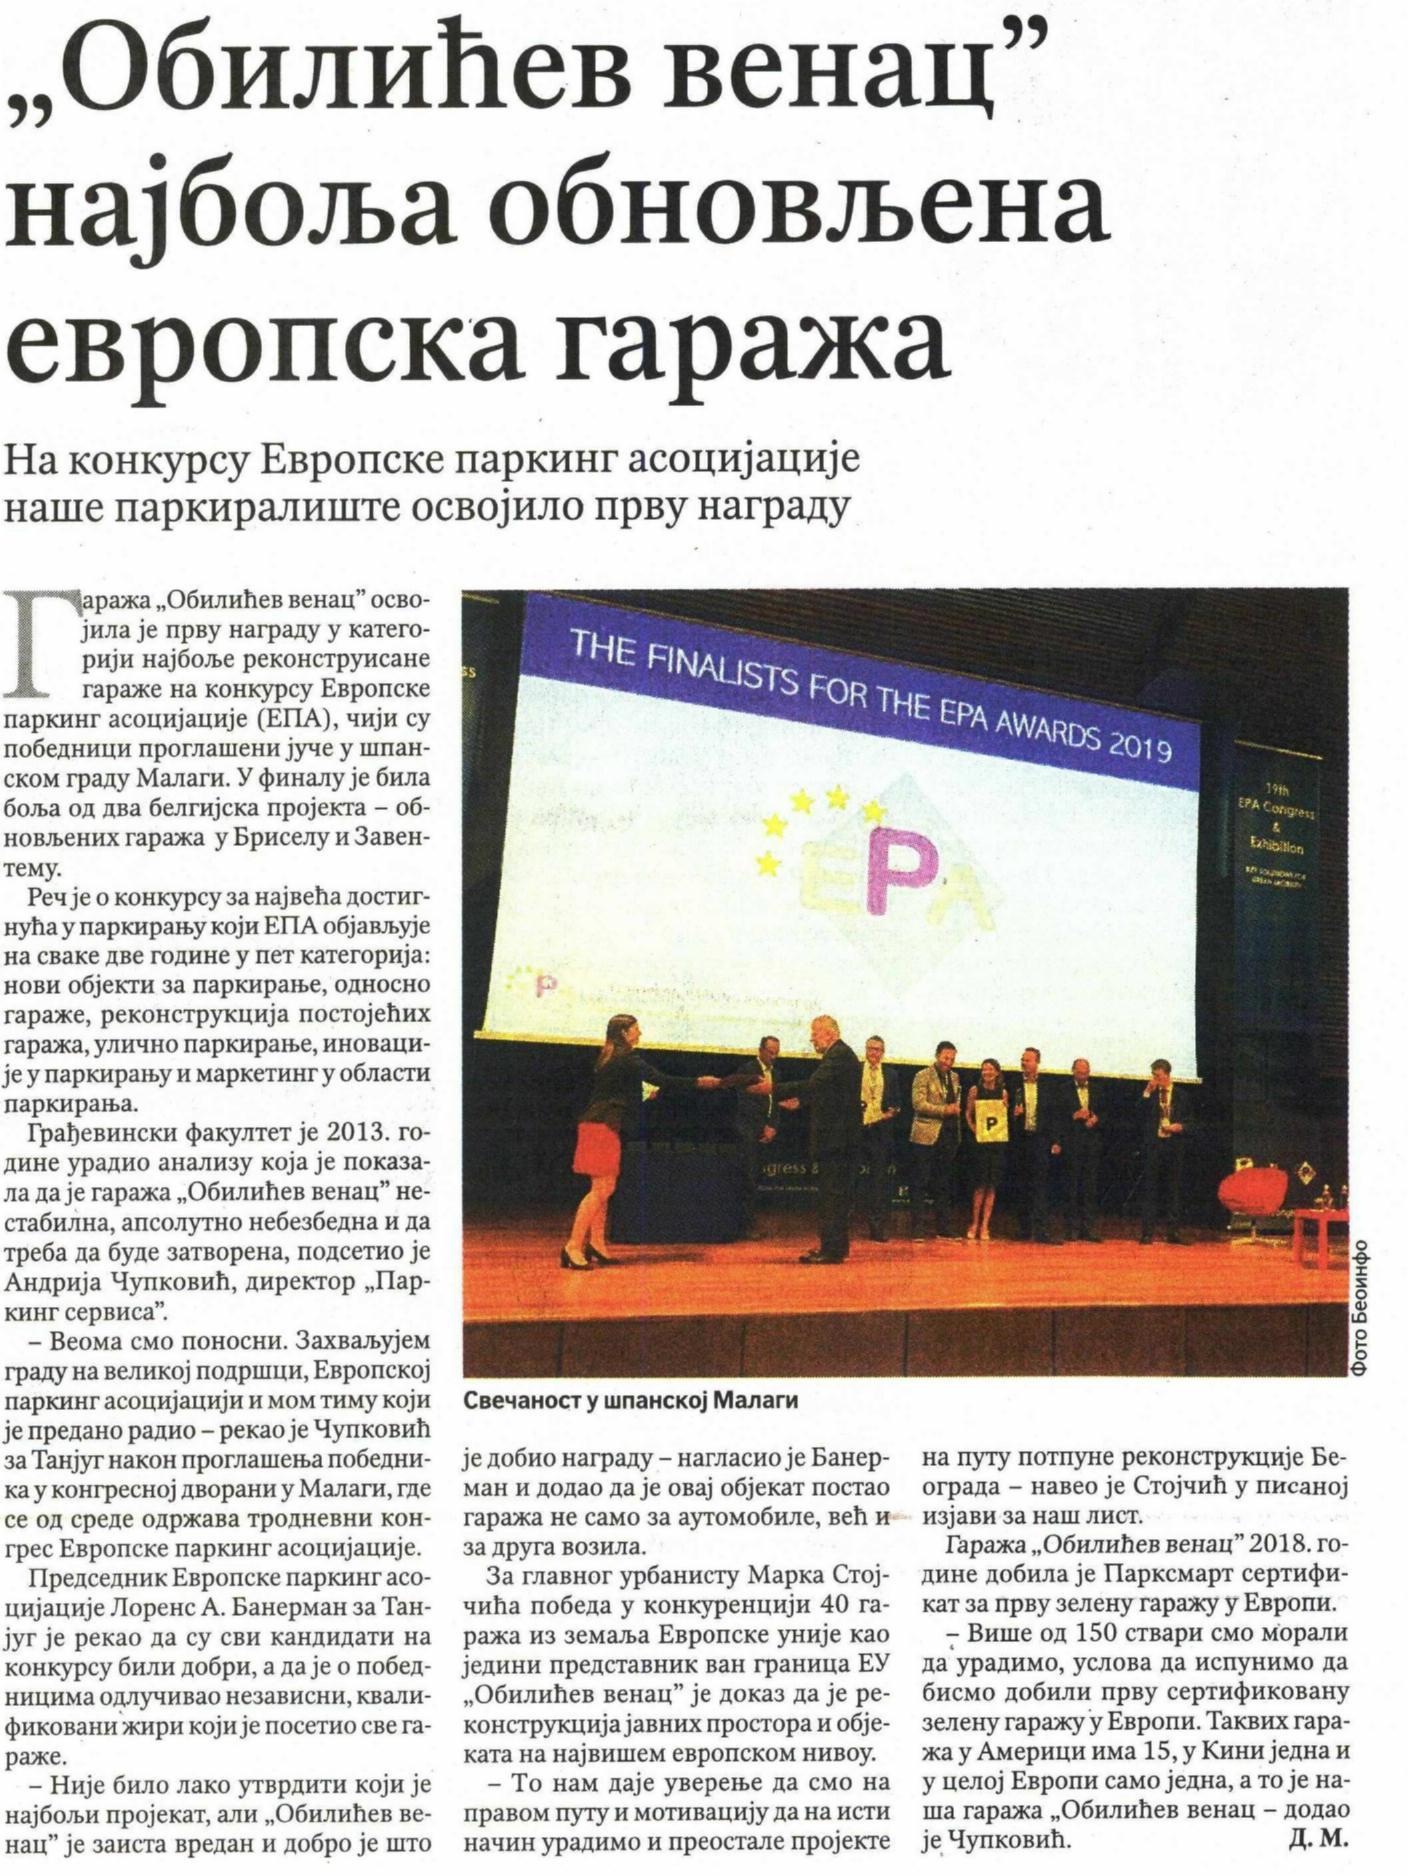 obilicev-venac-najbolja-obnovljena-evropska-garaza-politika-20092019-0